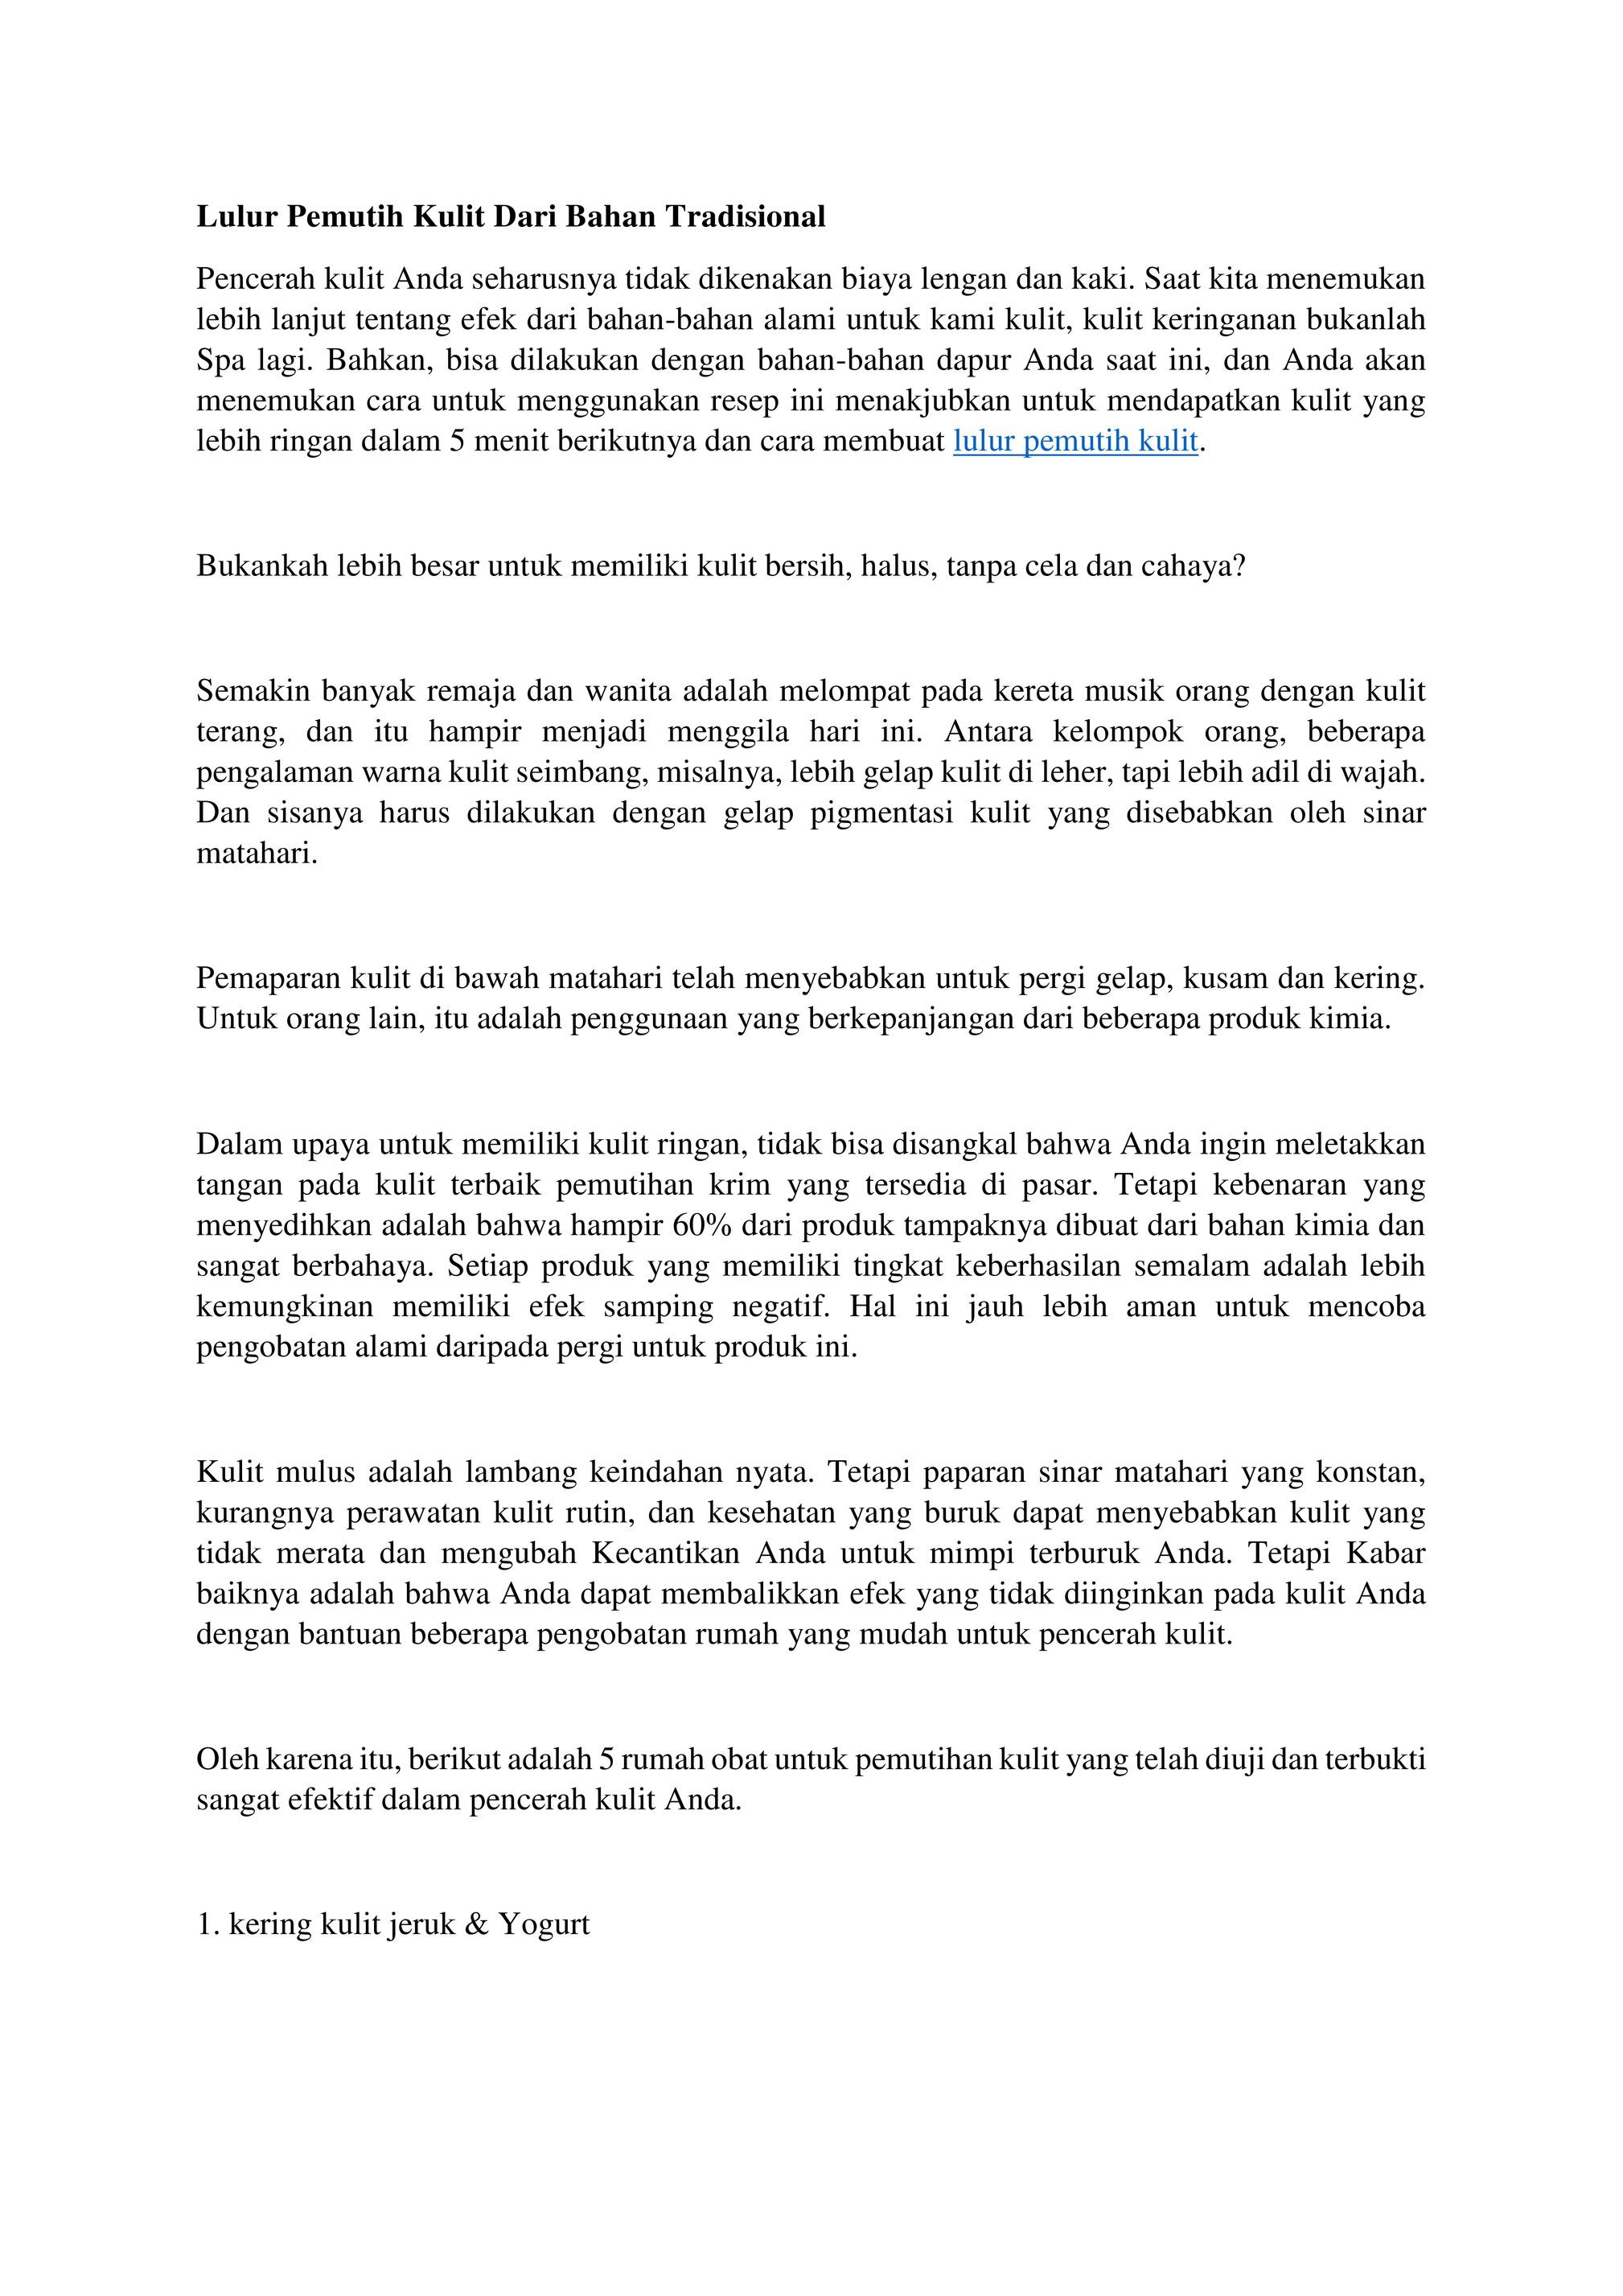 Rosalina Agancy Lulur Pemutih Kulit Dari Bahan Tradisional Page 2 Created With Publitas Com